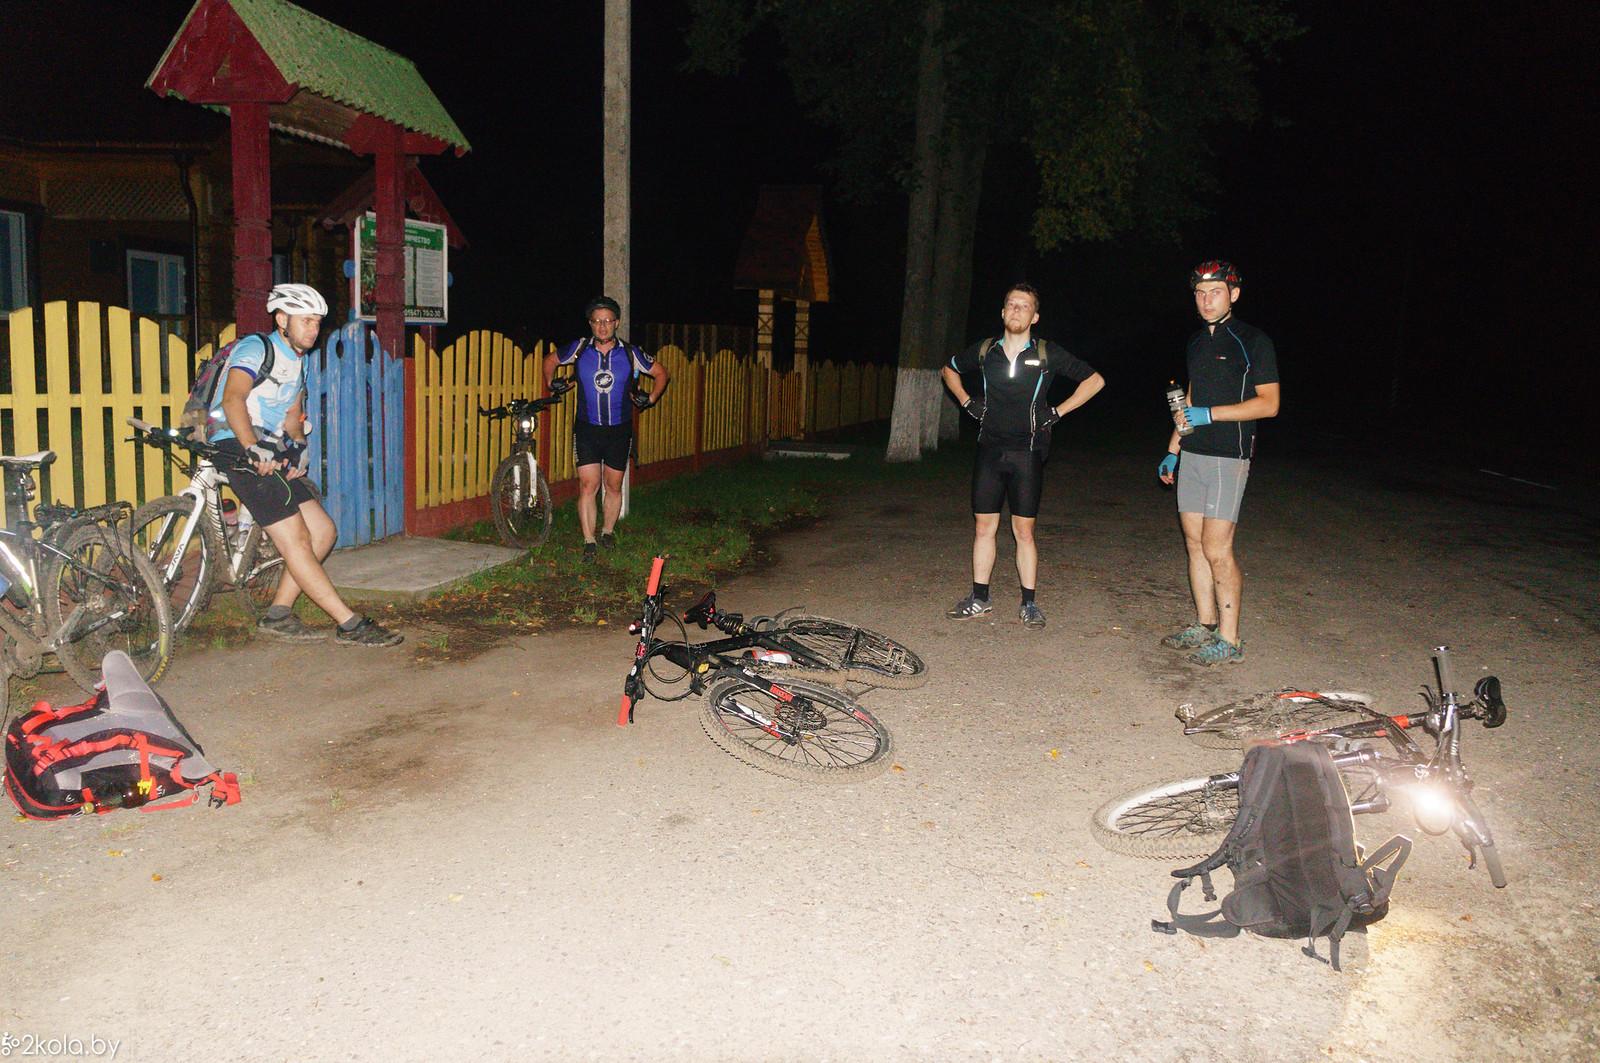 36000876630 eb49d193c8 h - Ночная велопокатушка 2017 (Тимковичи - Люща)